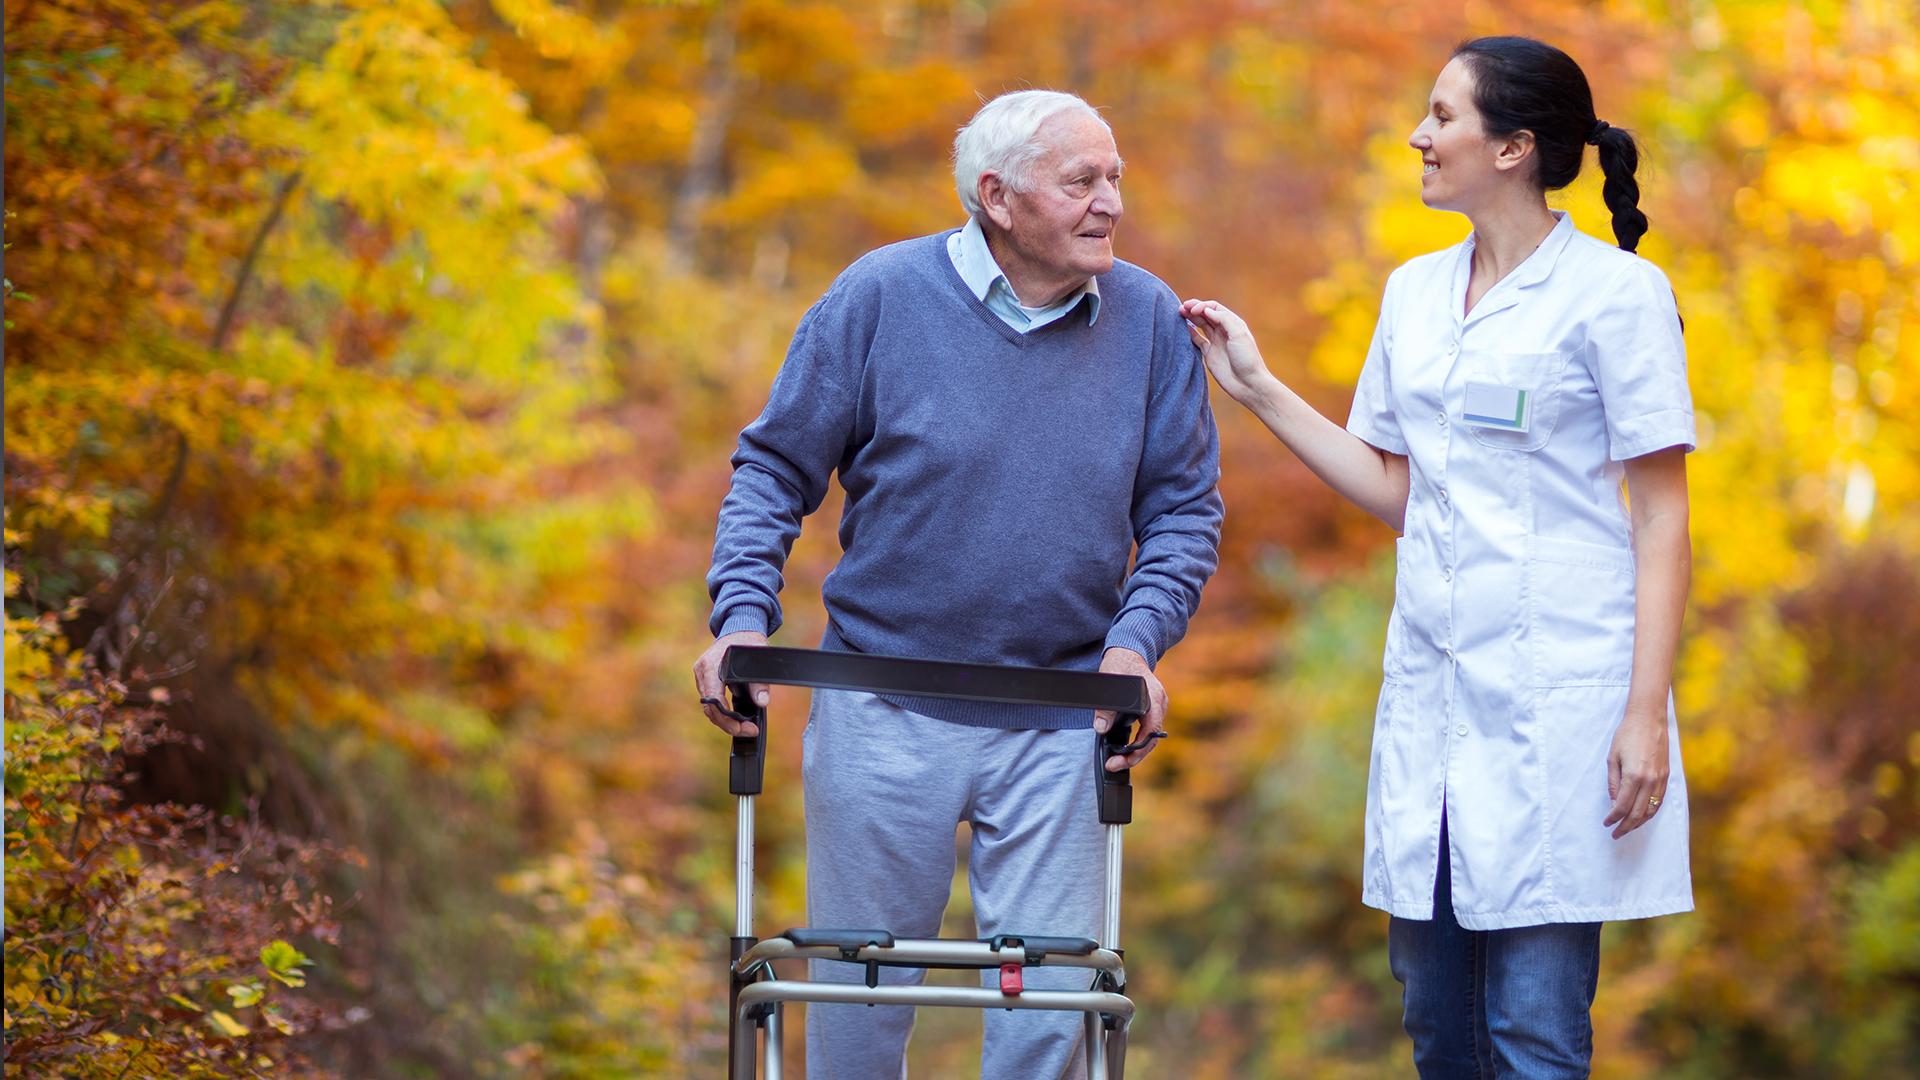 Hombre mayor paseando con una enfermera en un bosque